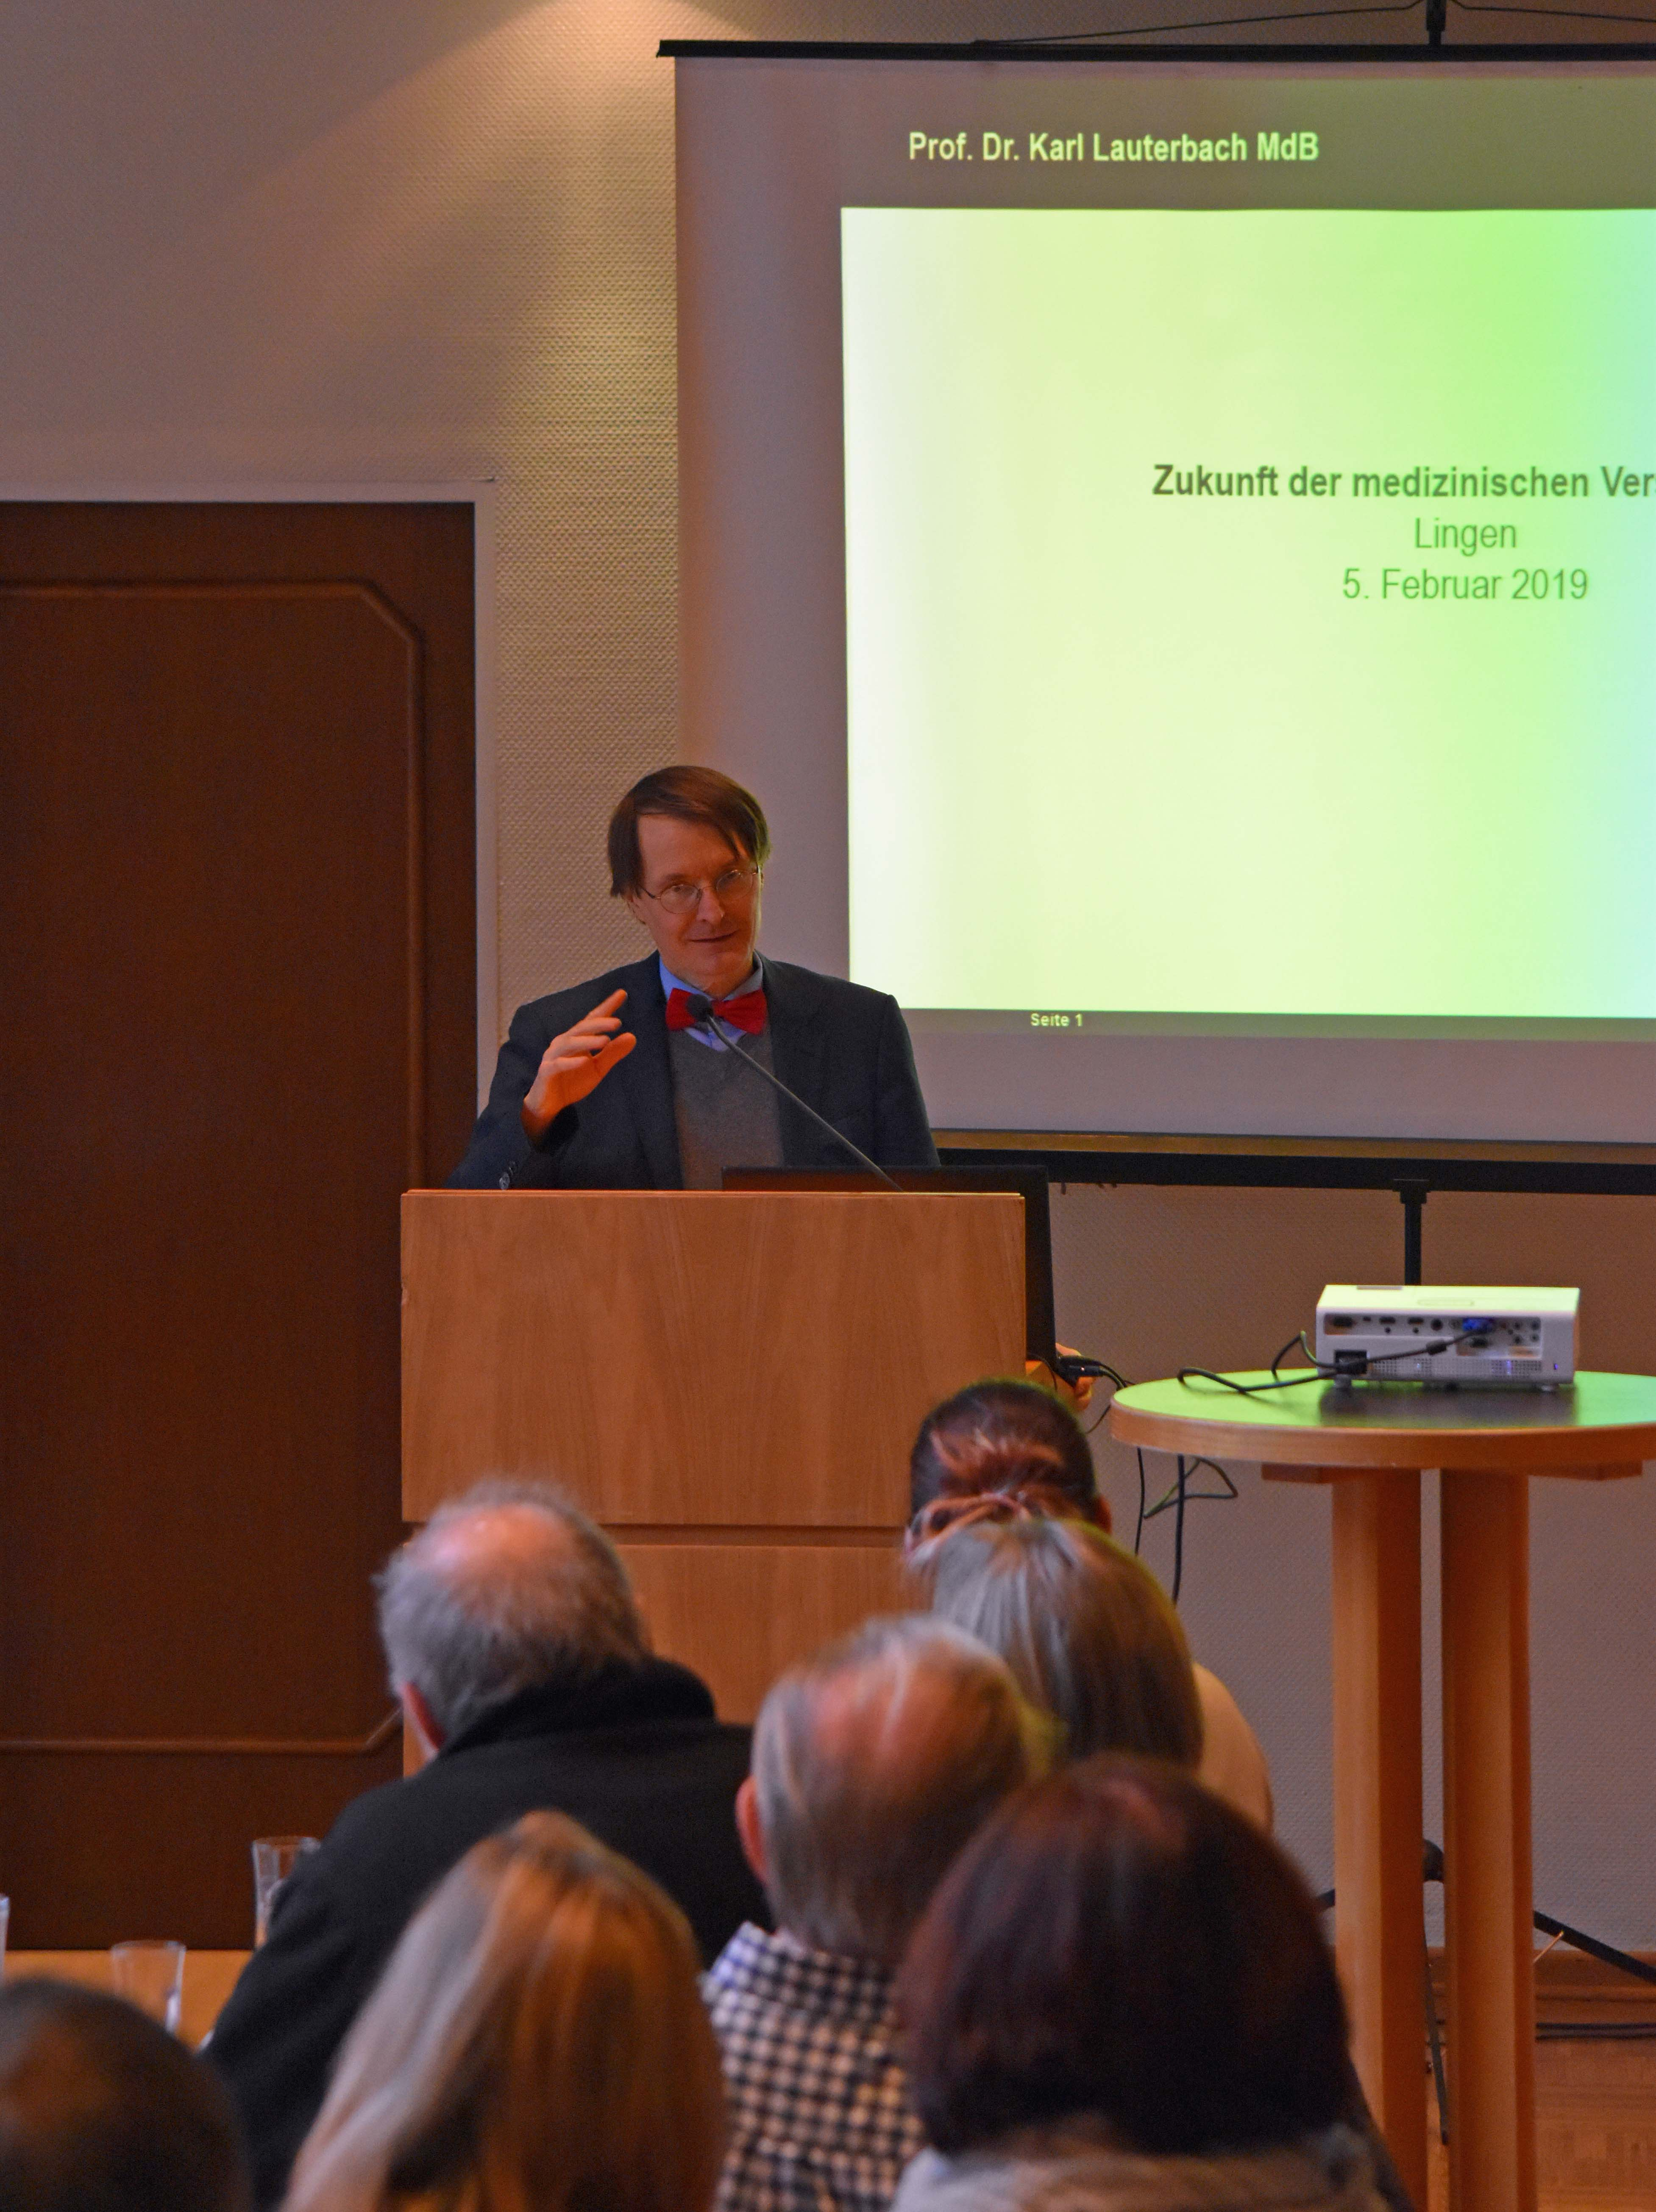 Karl beim Vortrag